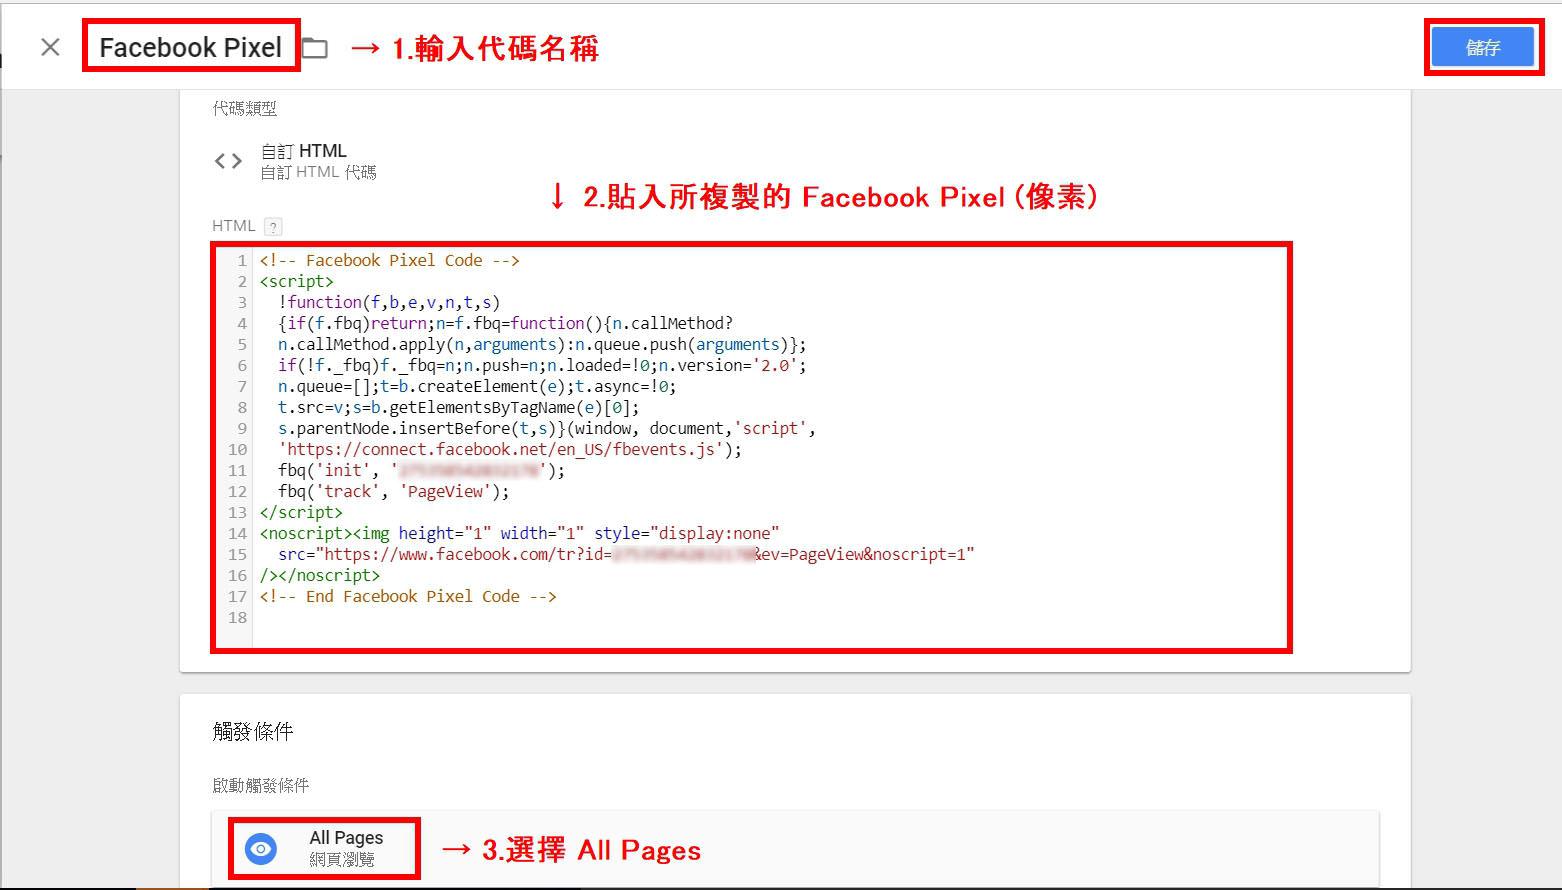 將facebook像素貼入自訂html欄位中